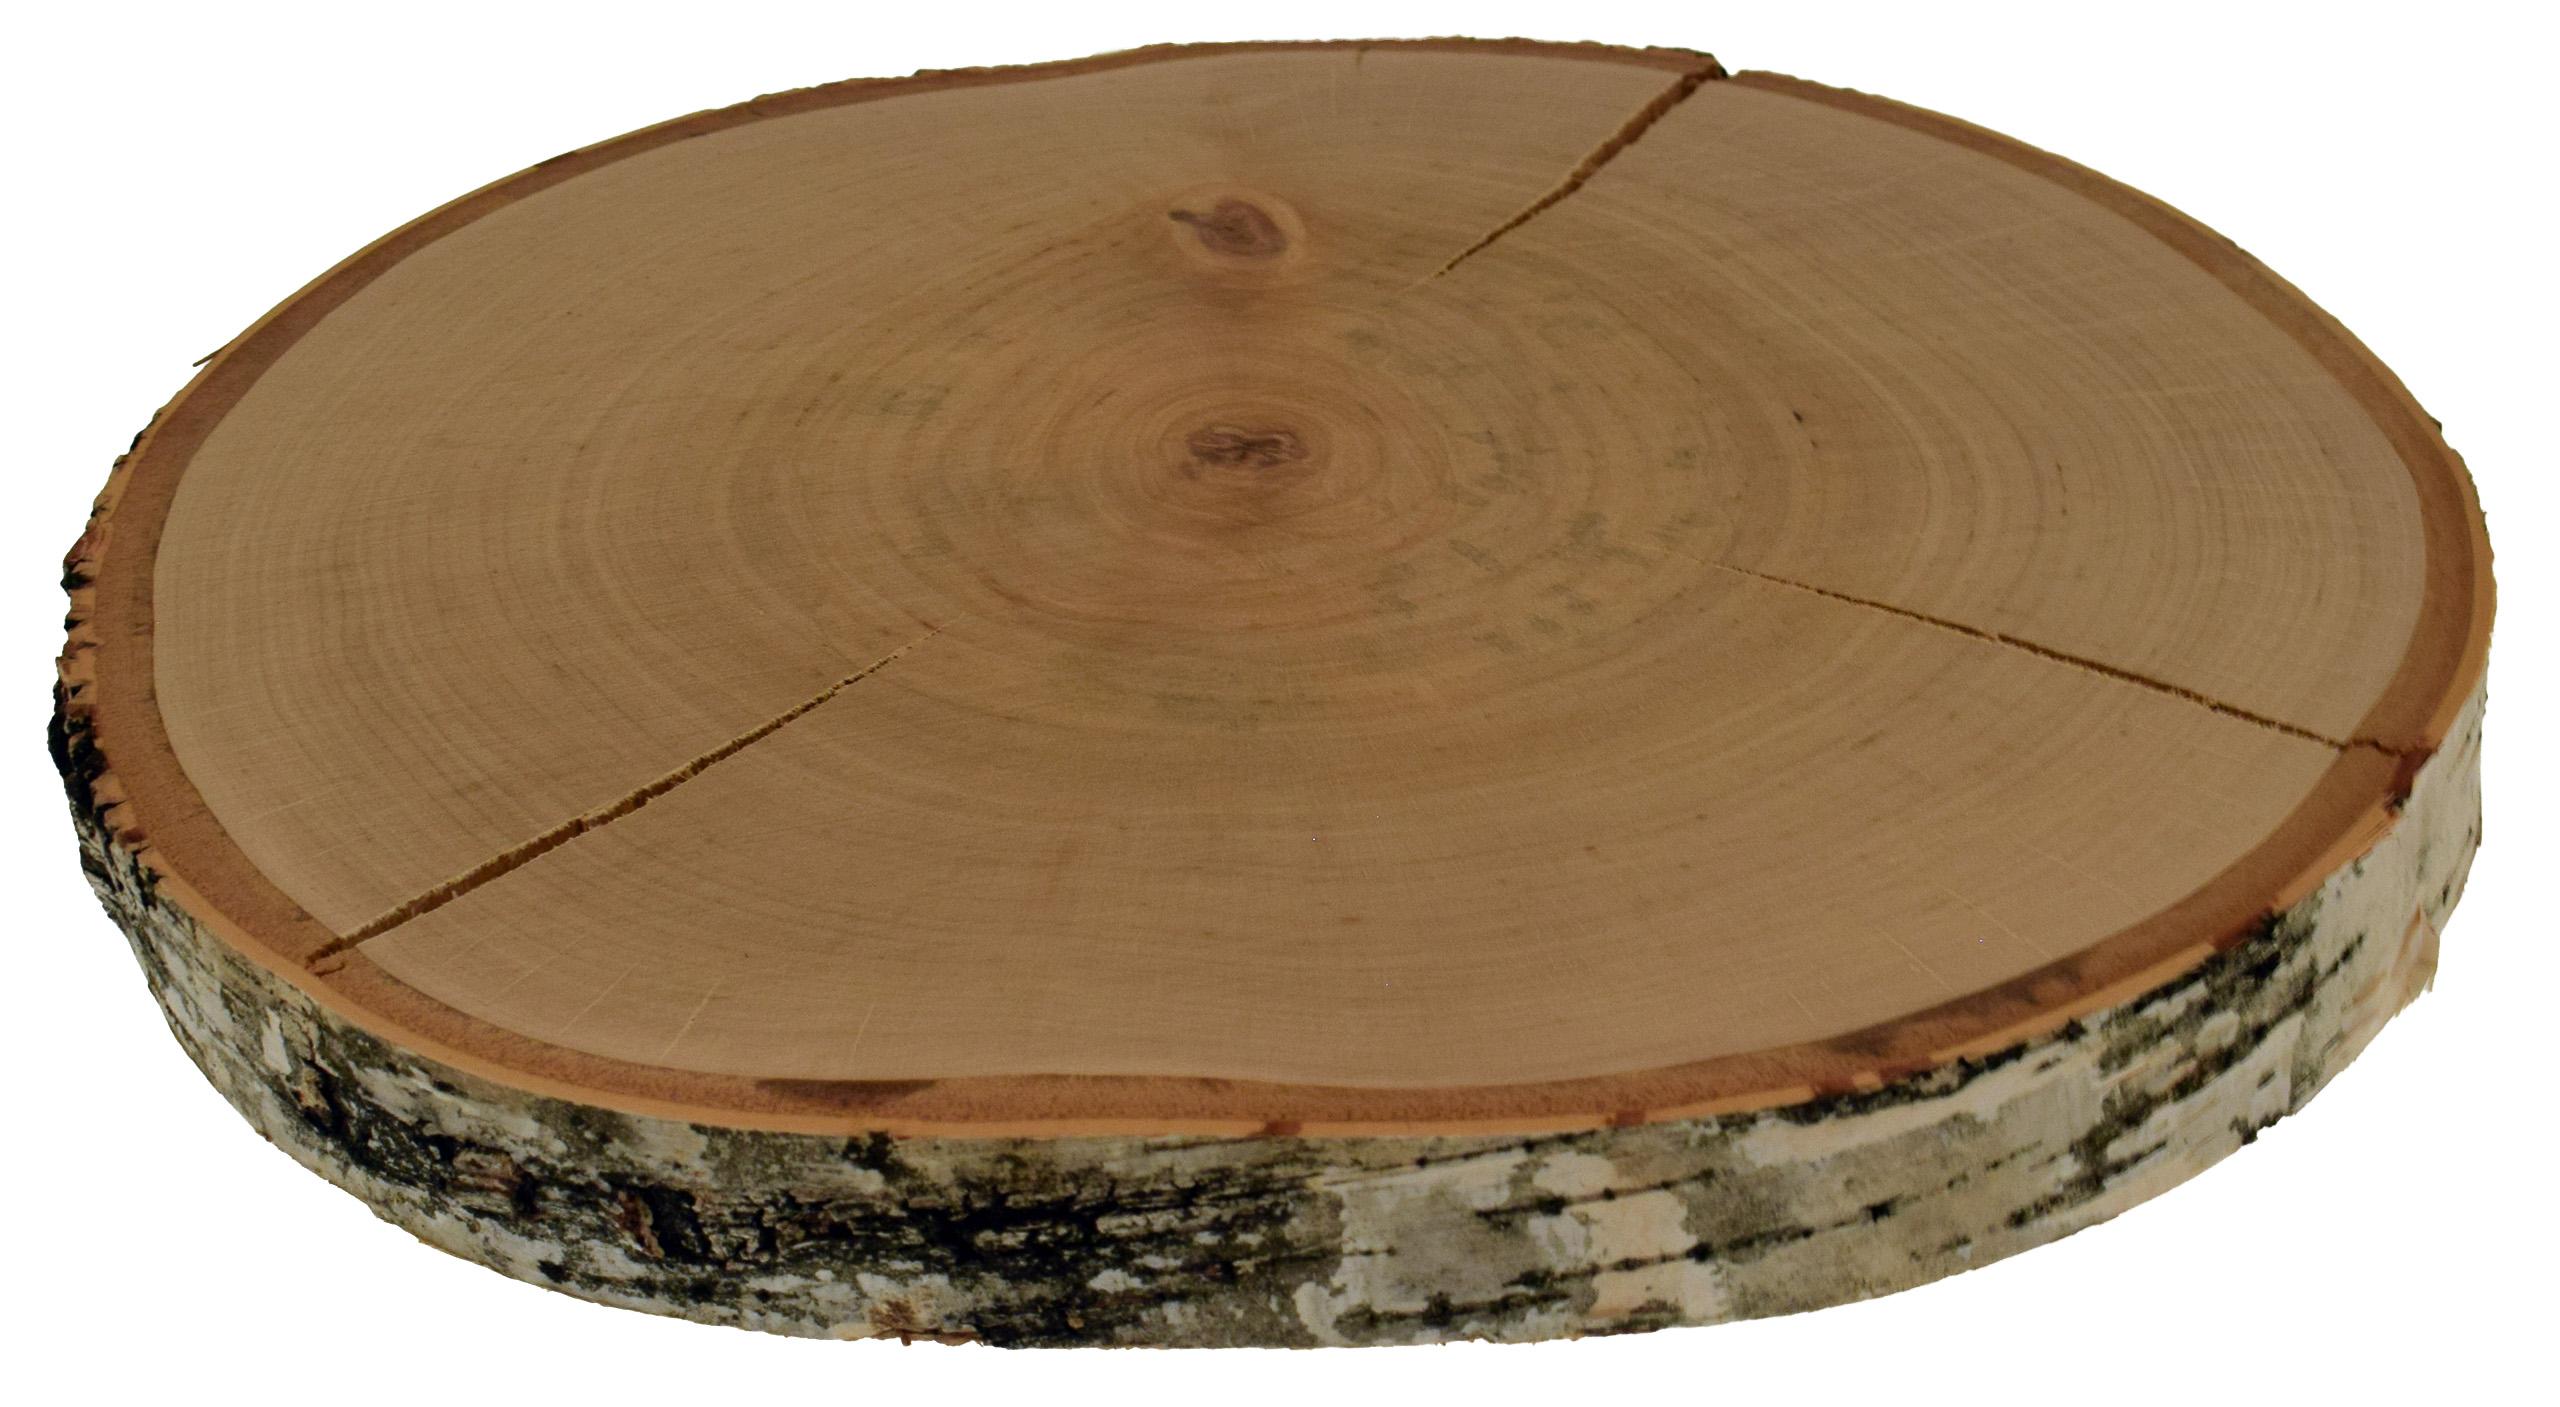 Plaster drewna, talarek drewna 30-34 cm BRZOZA